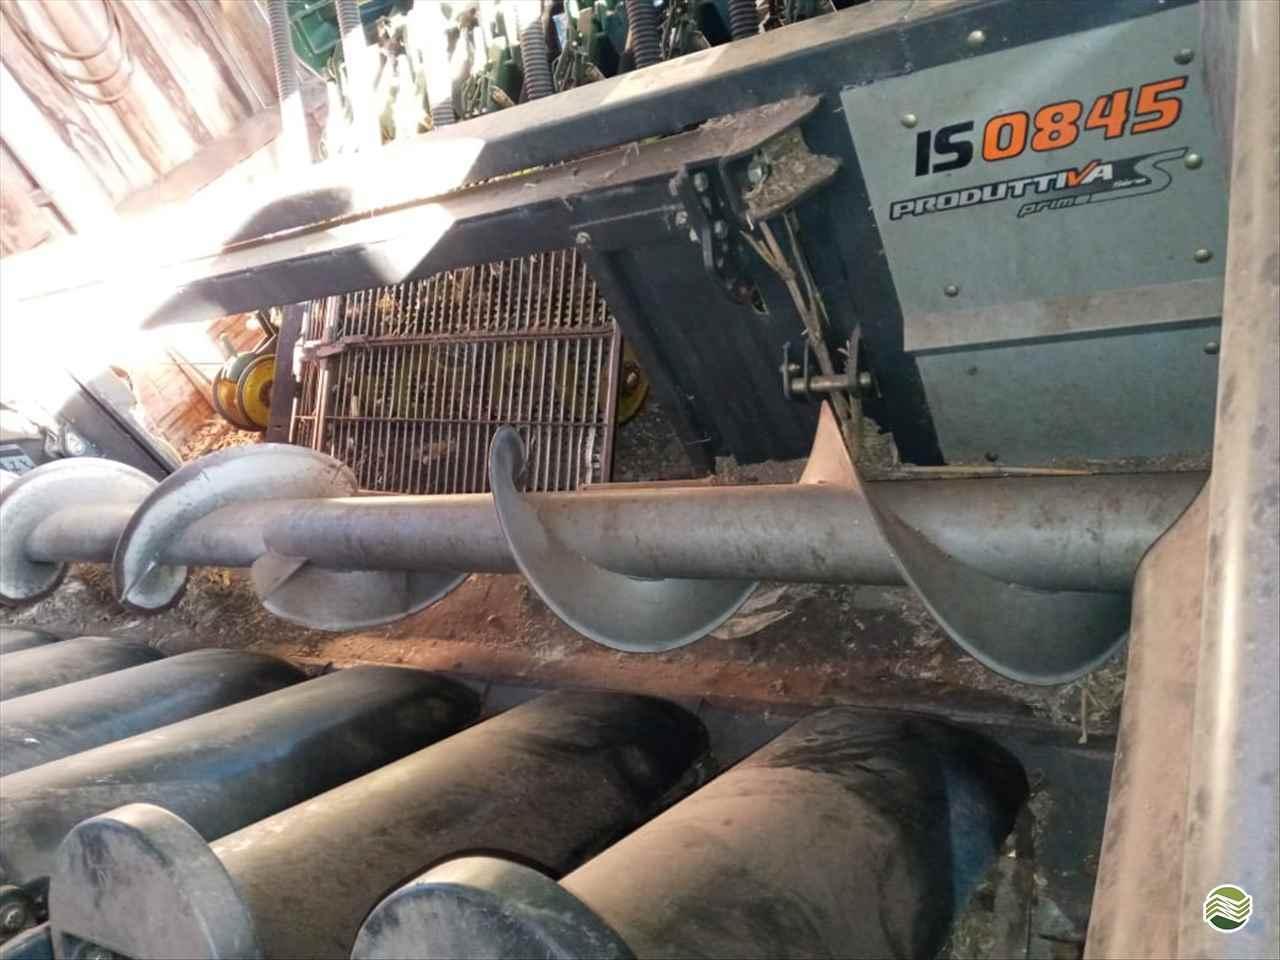 PLATAFORMA COLHEITADEIRA GTS PRODUTTIVA 0845 LG Peças e Máquinas Agrícolas CHOPINZINHO PARANÁ PR